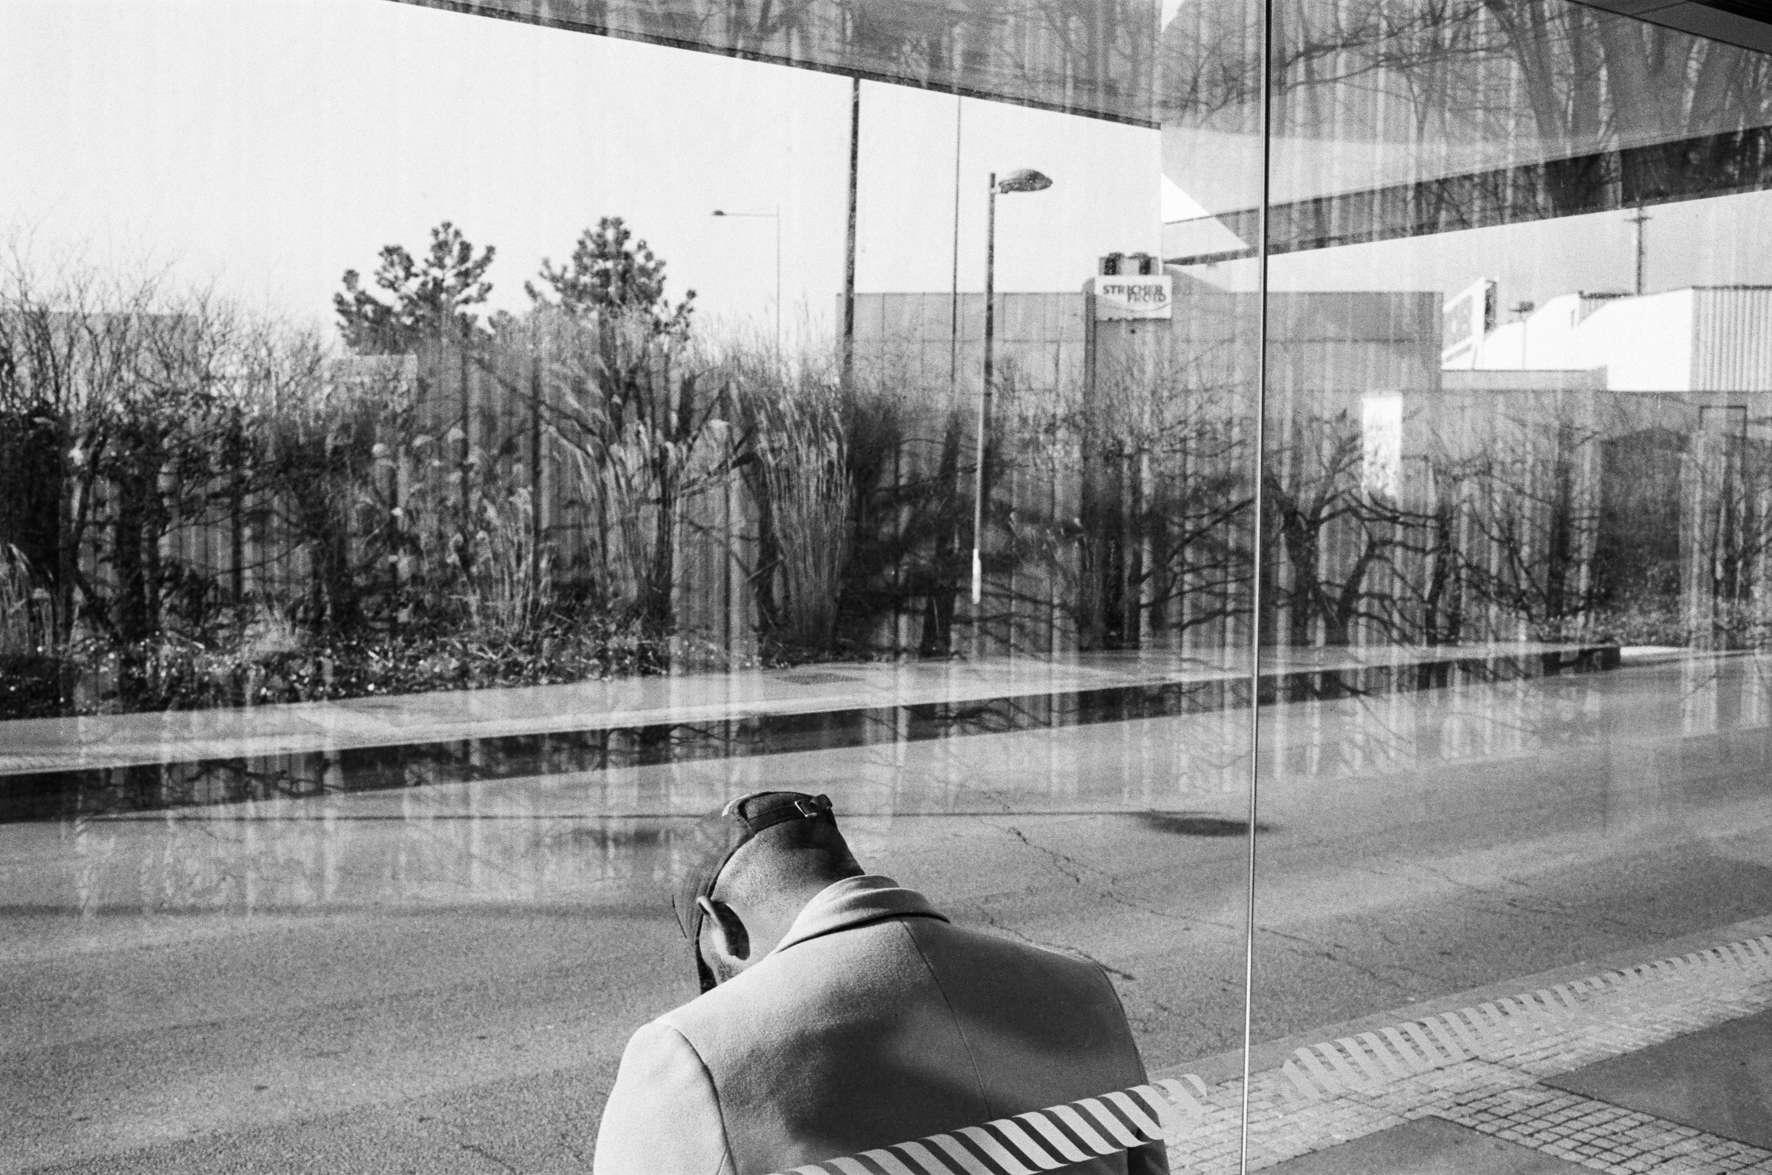 #1. Bertrand Meunier a marché de Montreuil à Fontainebleau (191km).                 «La périurbanité me laisse songeur sur la capacité de l'homme à engendrer son propre univers carcéral. Semi-liberté plutôt, car il faut bien se déplacer dans cette grande confusion ou illlusion: dormir-travailler-loisirs.»